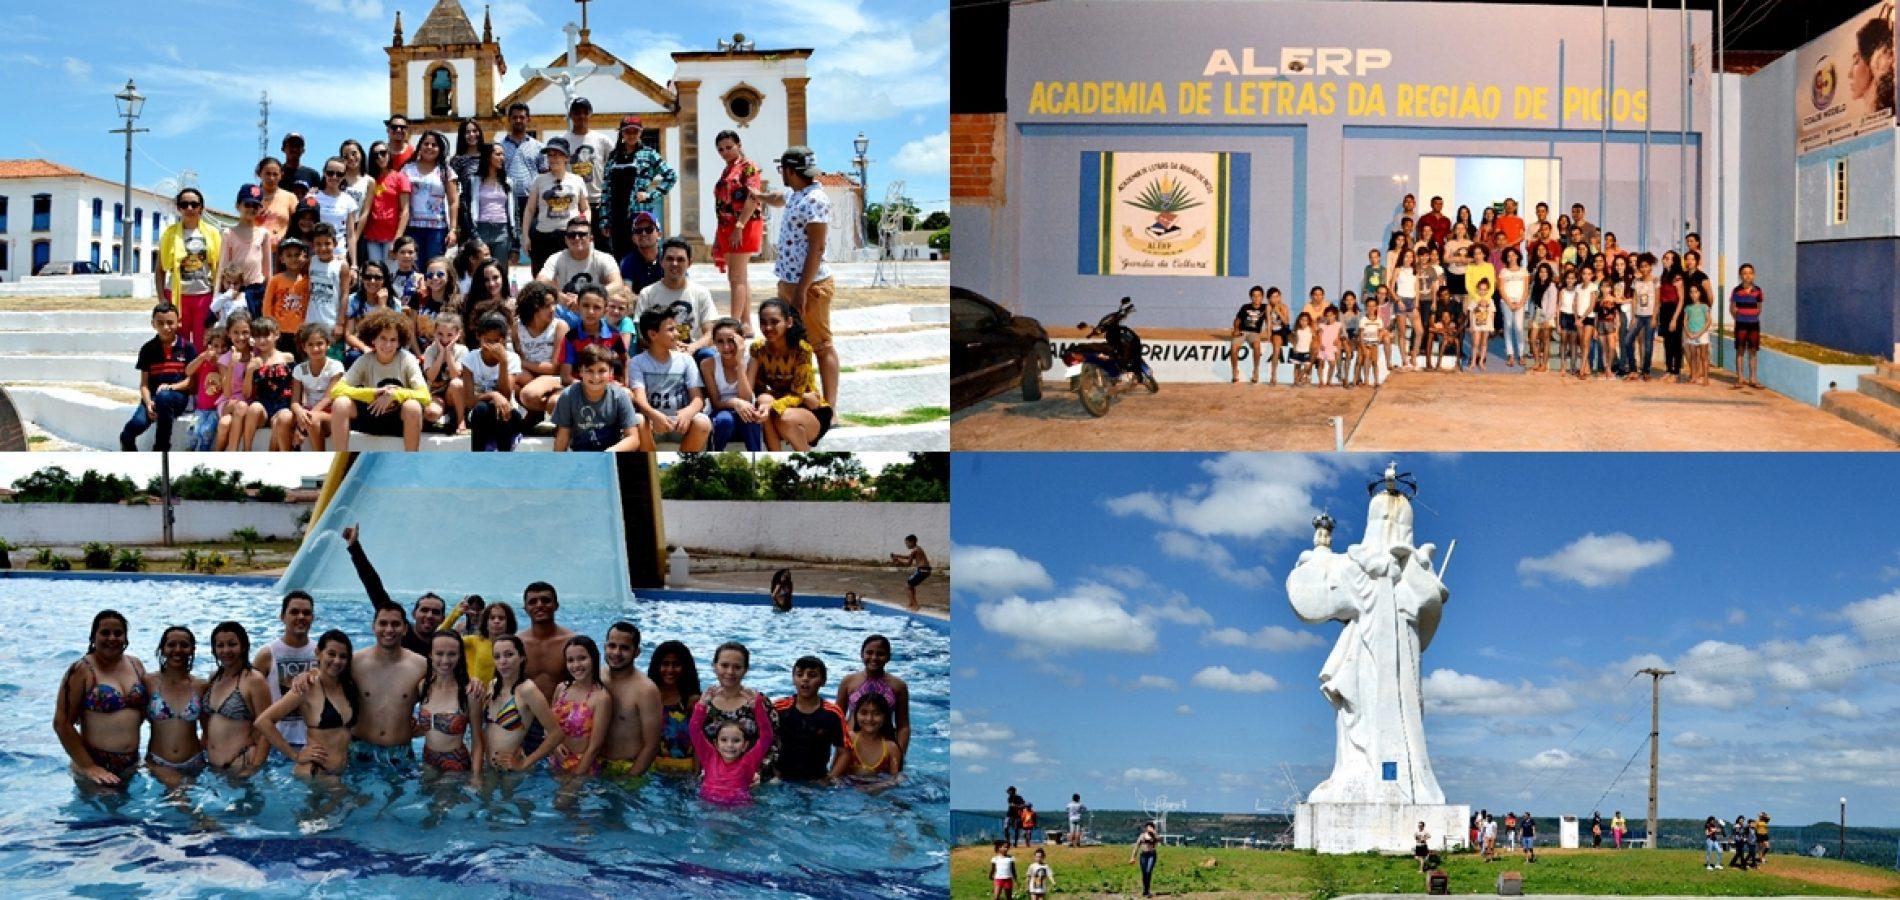 Cultura de Vila Nova promove passeio turístico histórico para fortalecer a piauiensidade; veja fotos